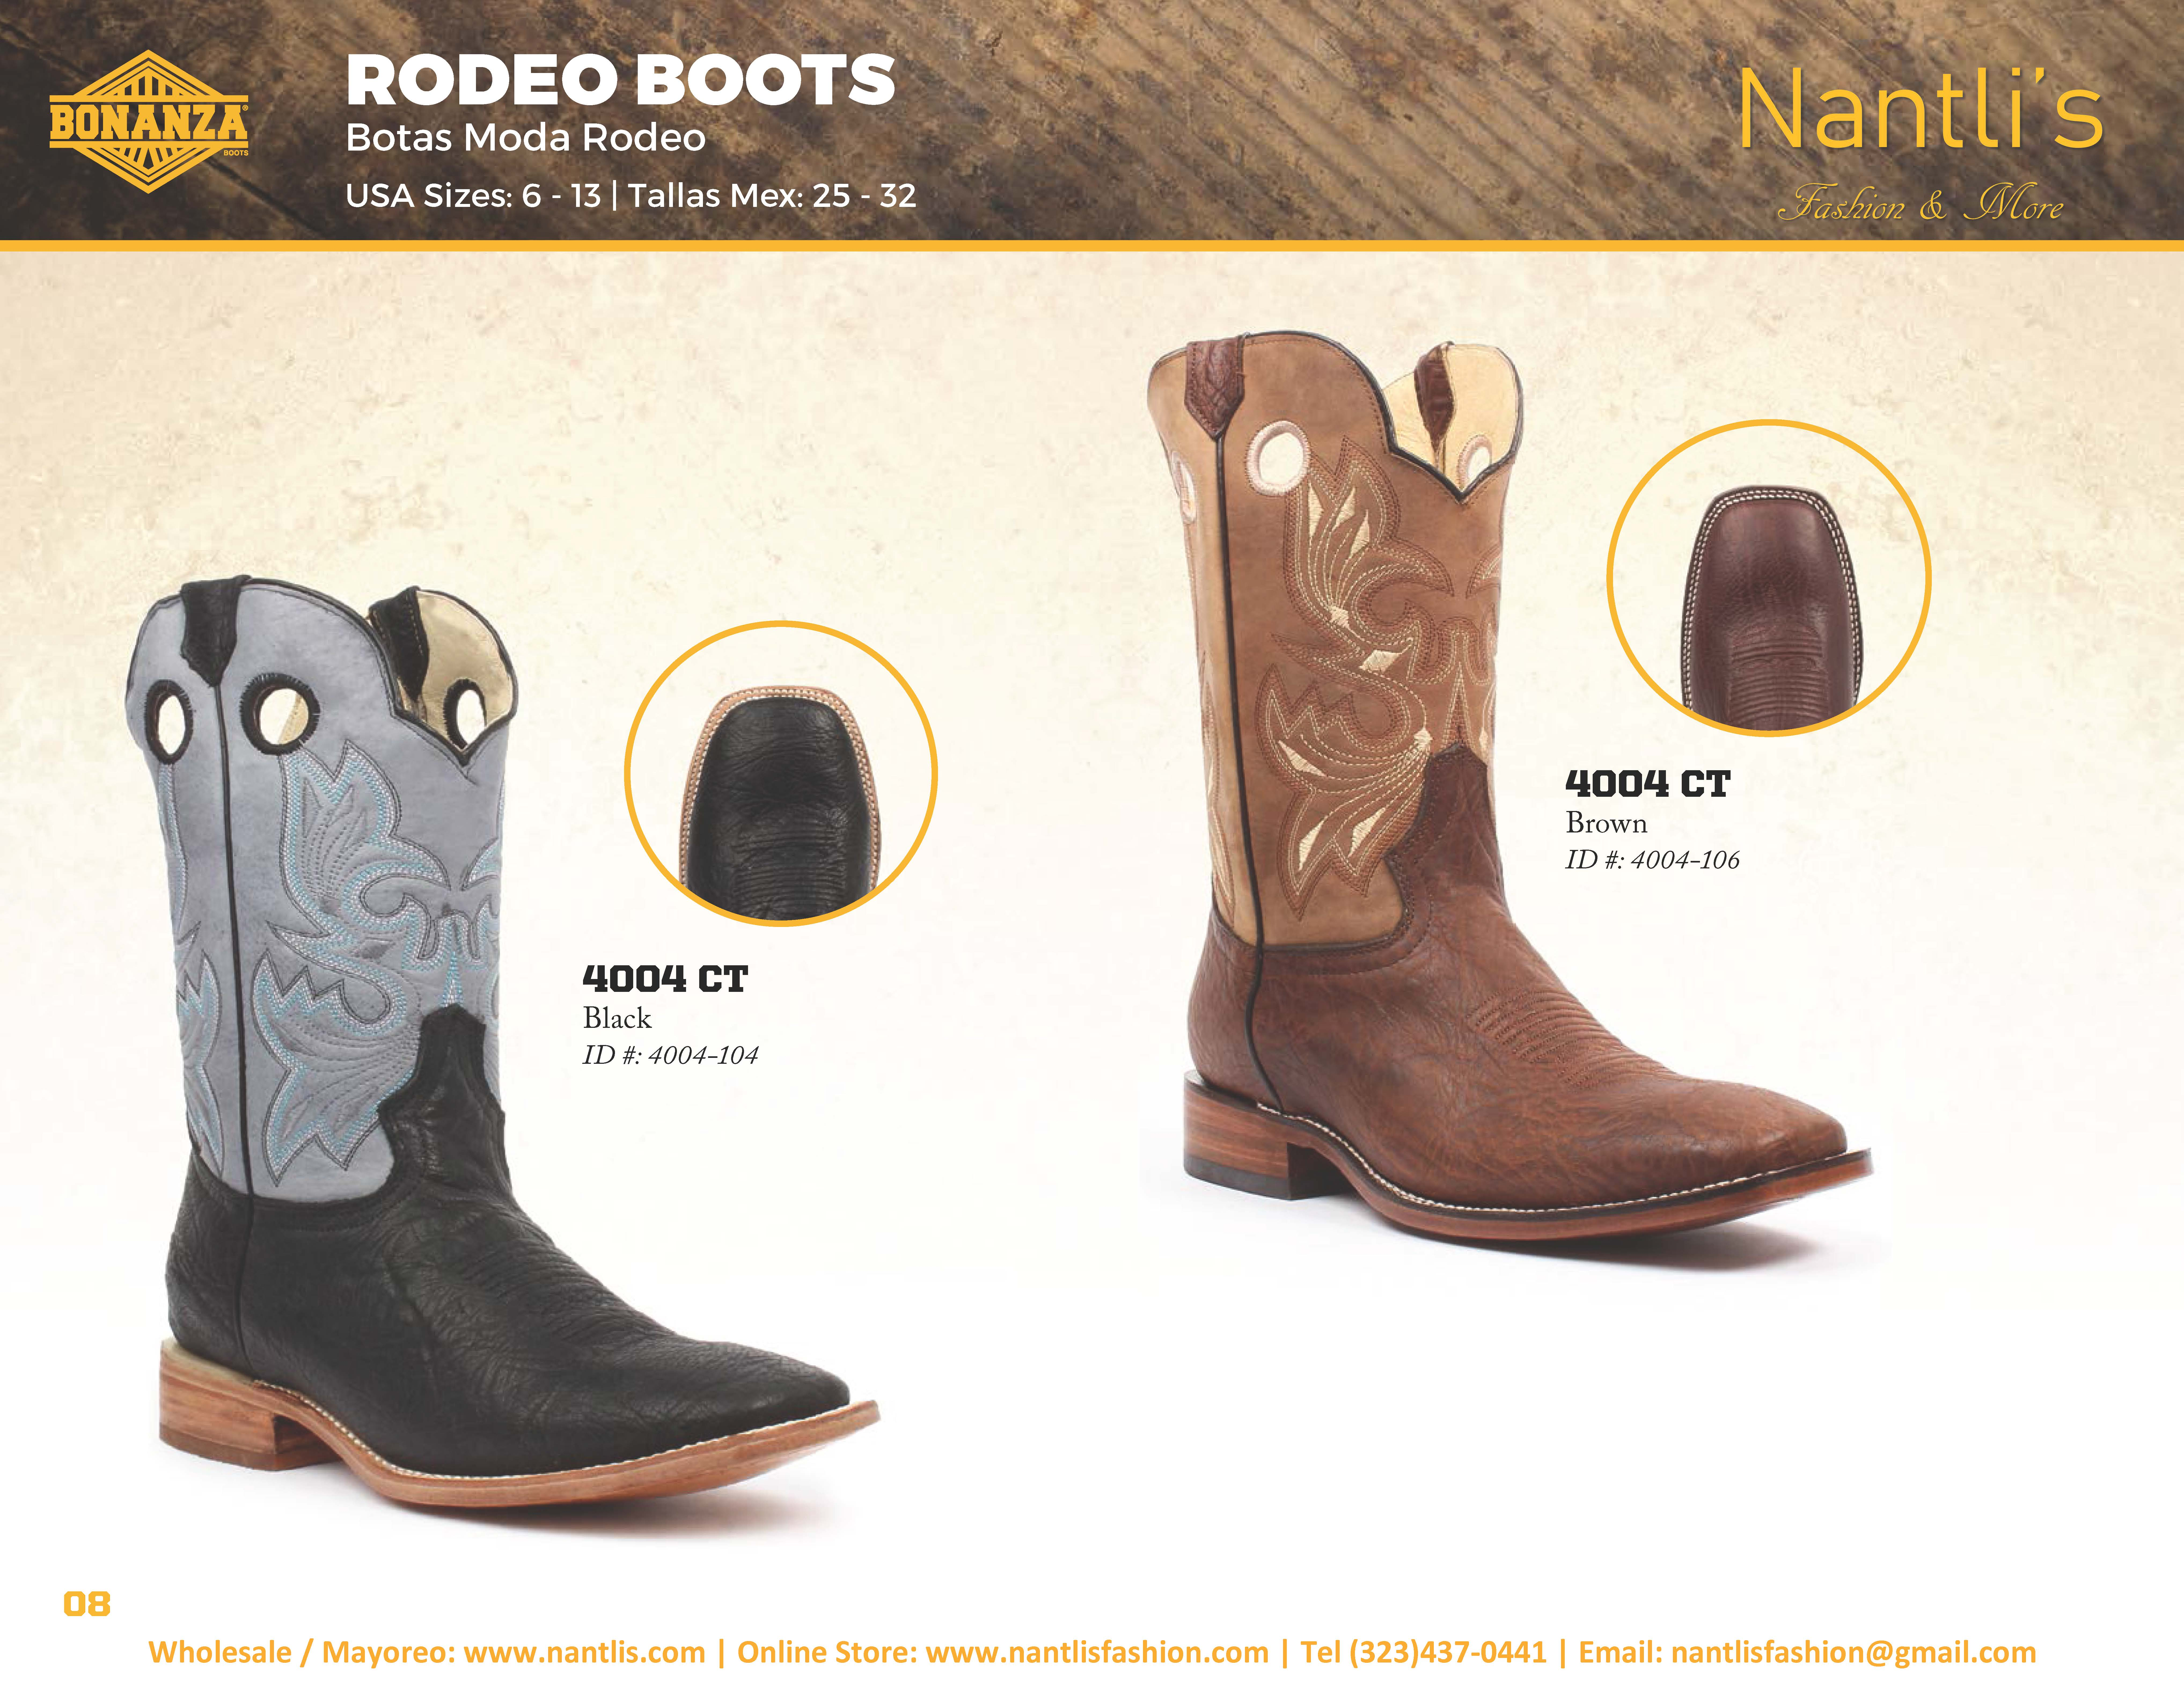 fa6e794dad Nantlis-Bonanza vol 4 catalog botas vaqueras mayoreo Wholesale western  boots Page 08